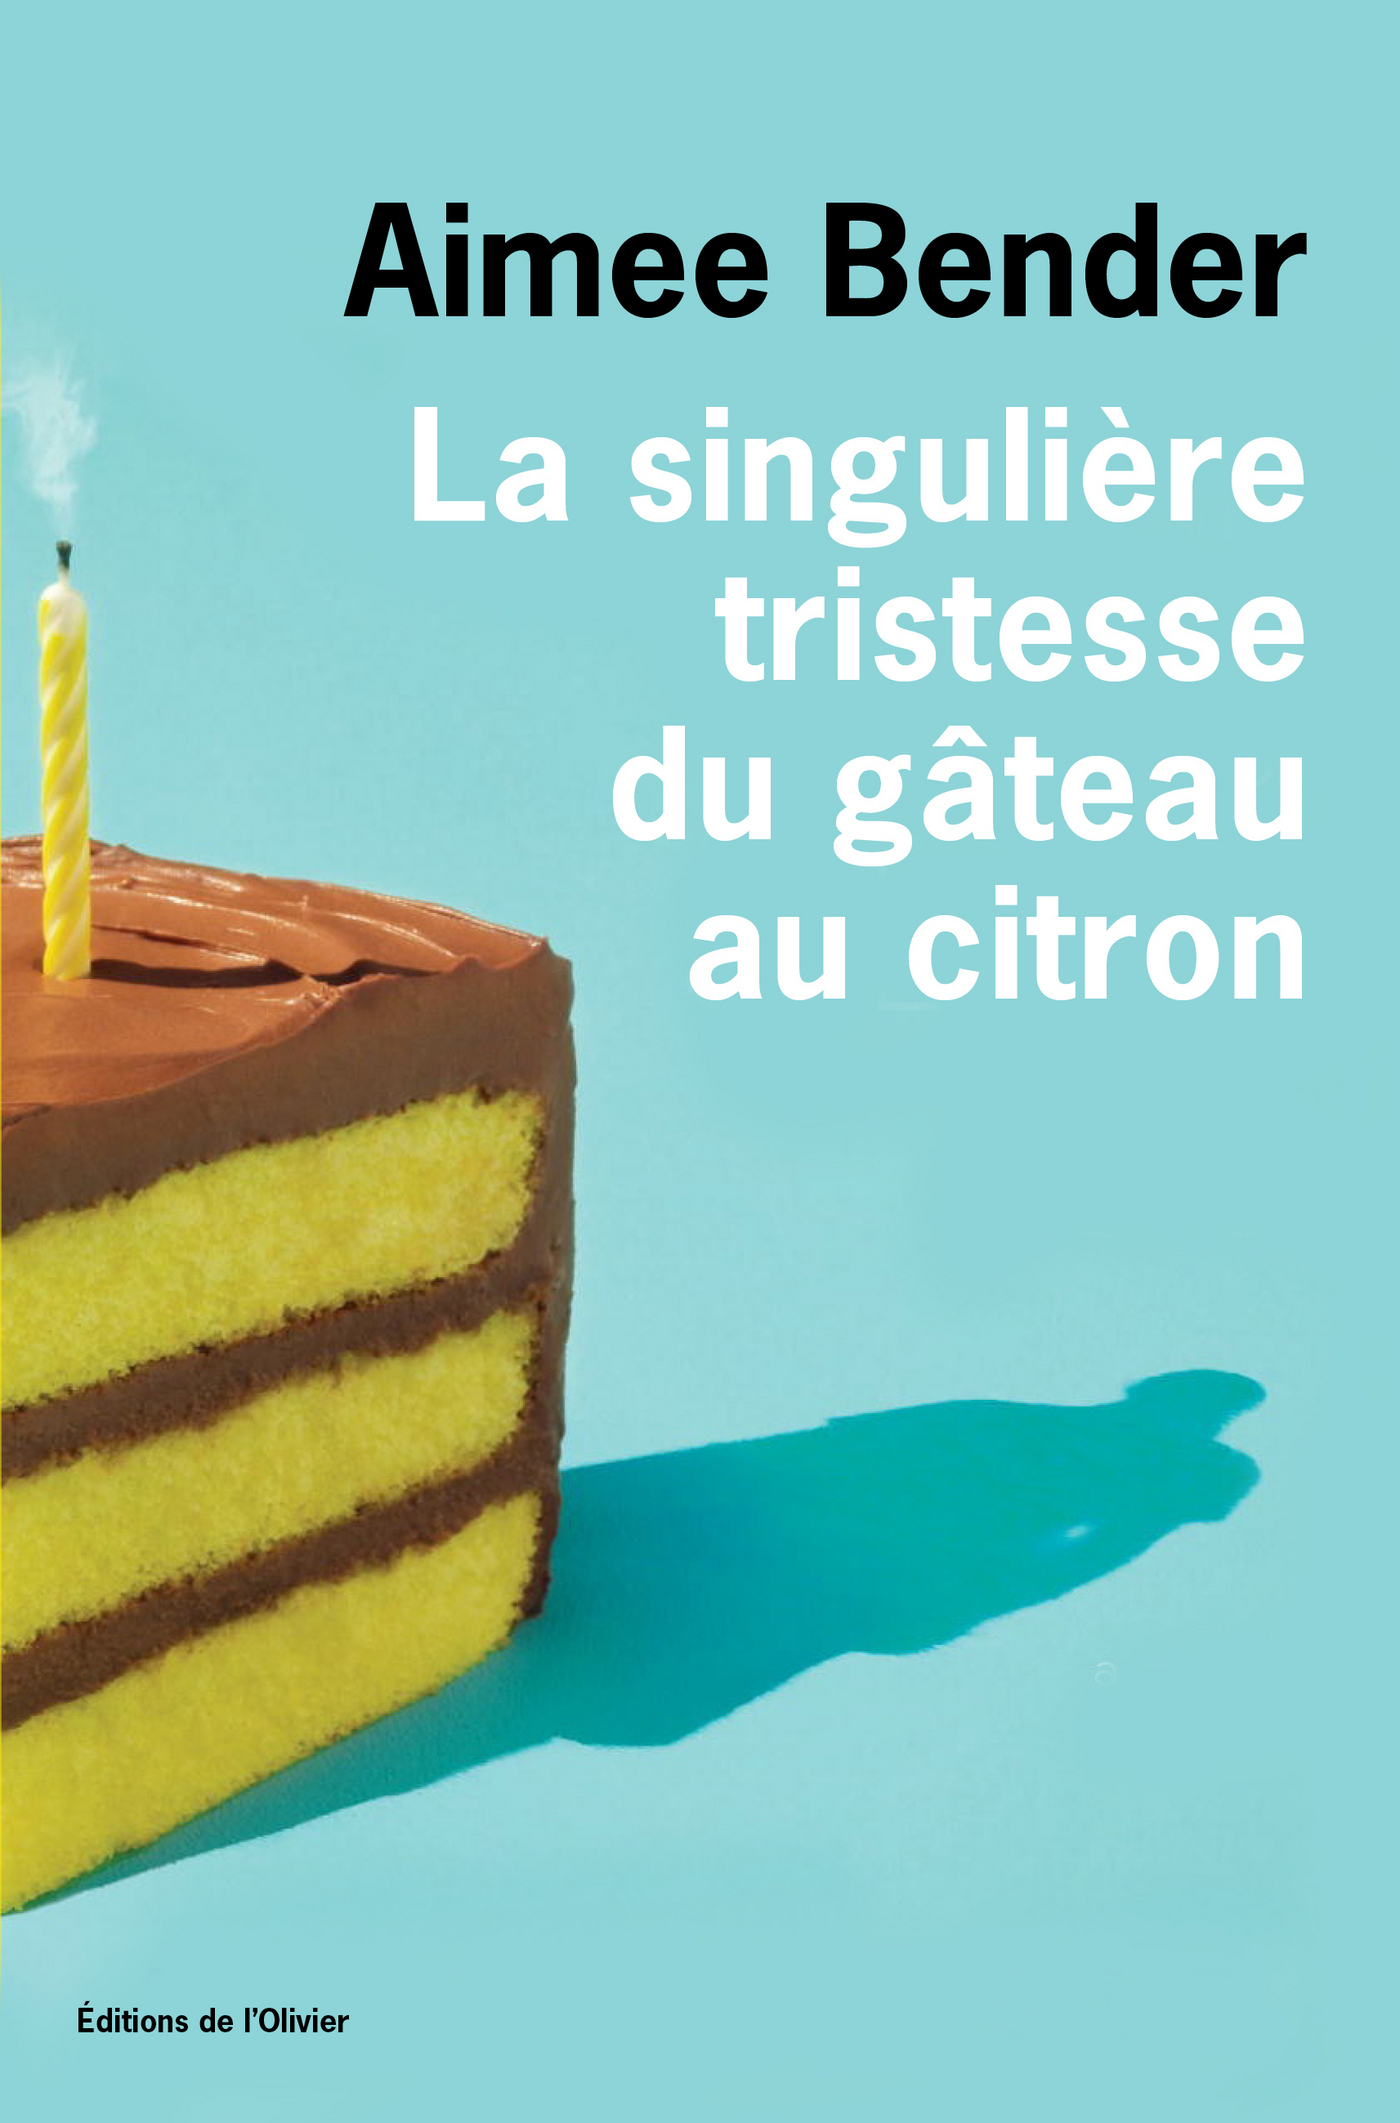 Couverture : Singulière tristesse du gâteau au citron (La) Aimee Bender